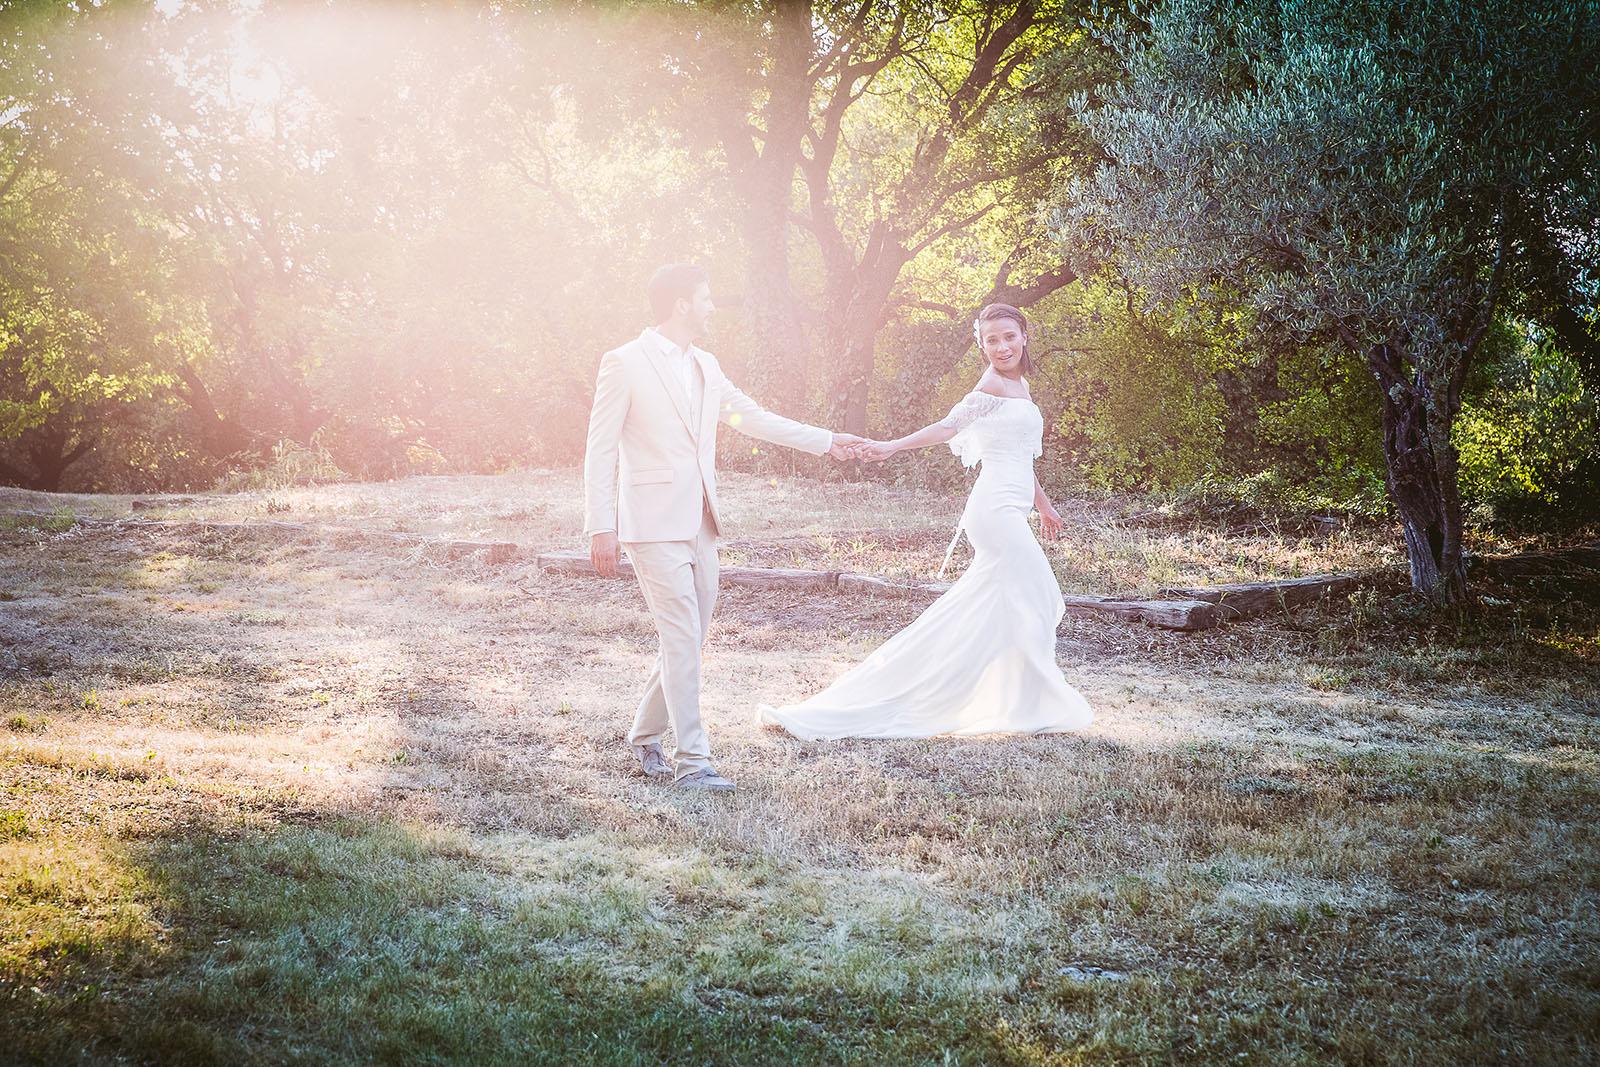 Mariage Mas de La Rouquette. David Pommier photographe de mariage. Photo de couple au milieu des oliviers avec une belle lumière